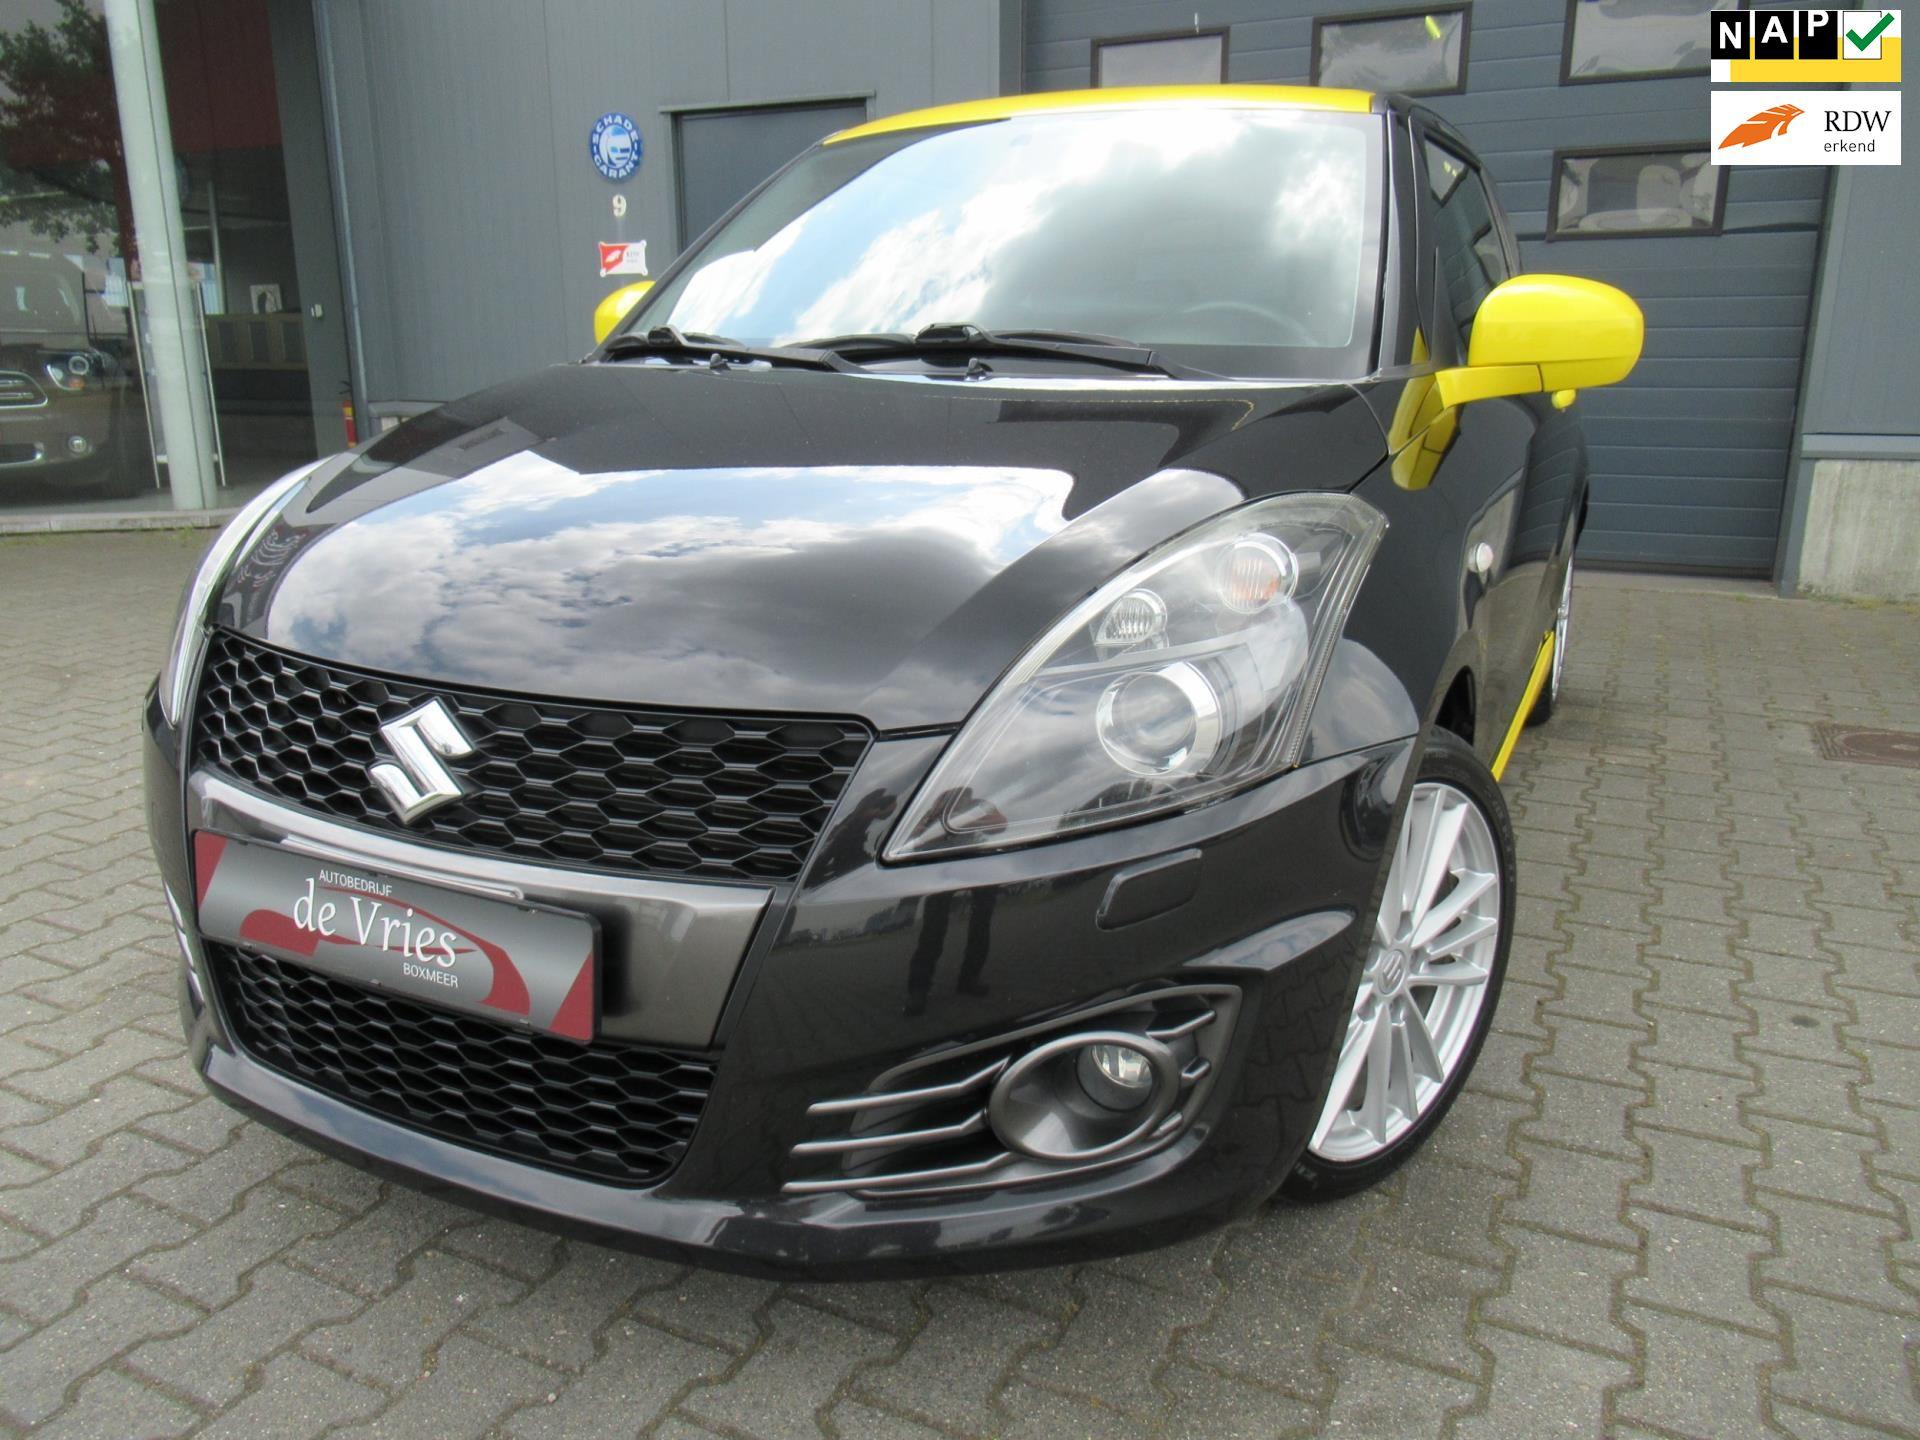 Suzuki Swift occasion - Autobedrijf de Vries Boxmeer